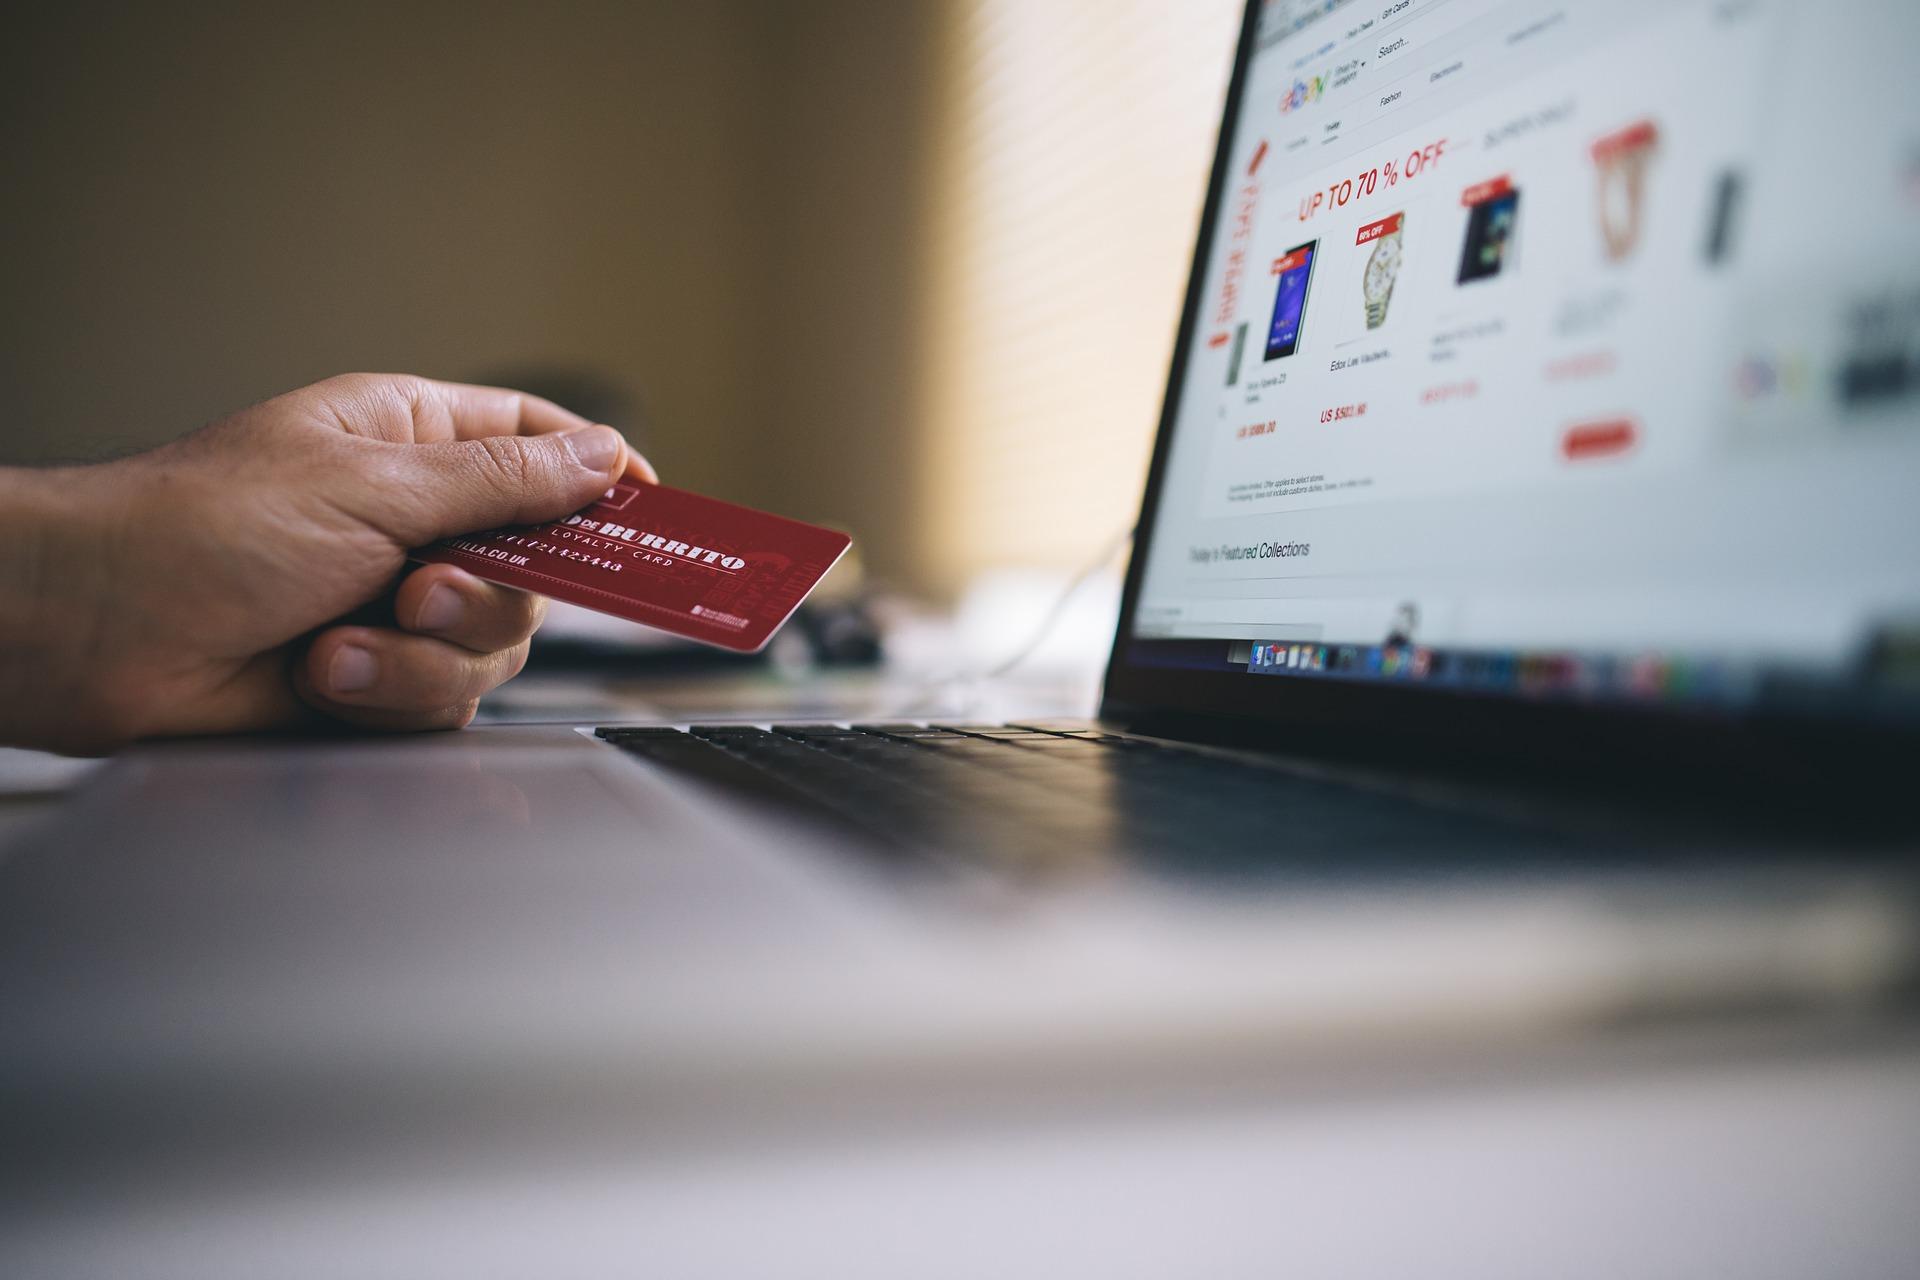 Amazon, Walmart iTarget - pozyskiwanie klientów imodele biznesowe